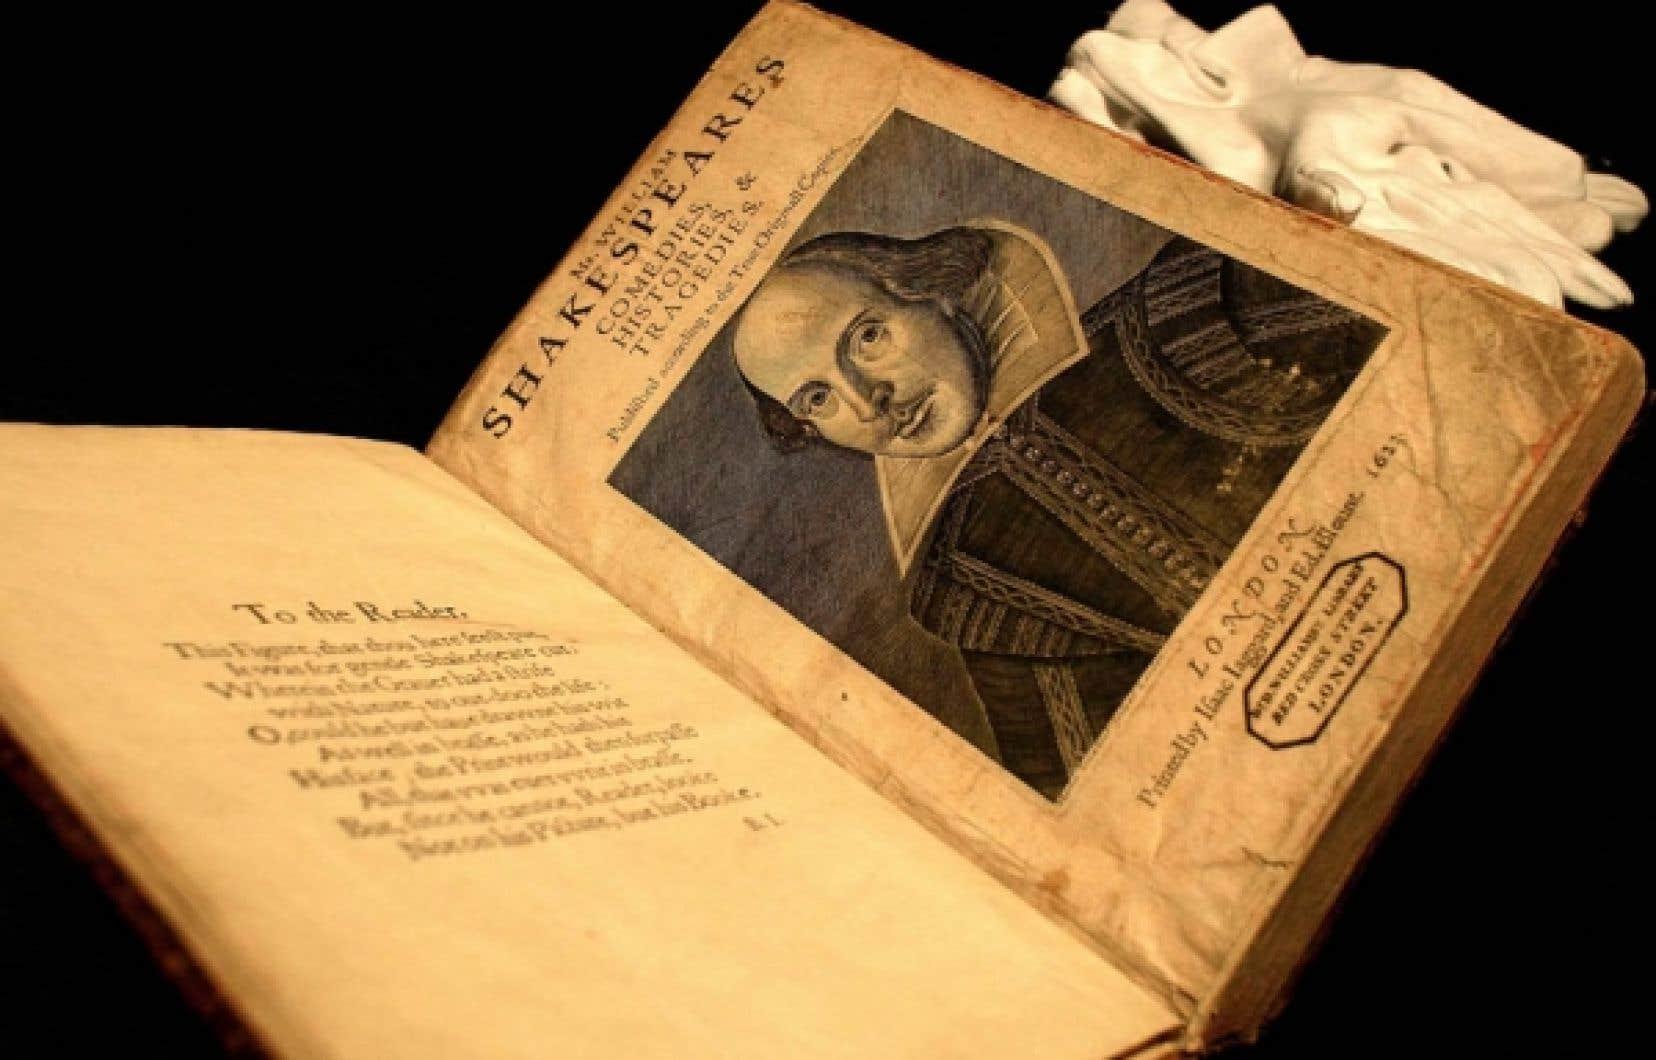 Première édition des pièces de Shakespeare datant de 1623